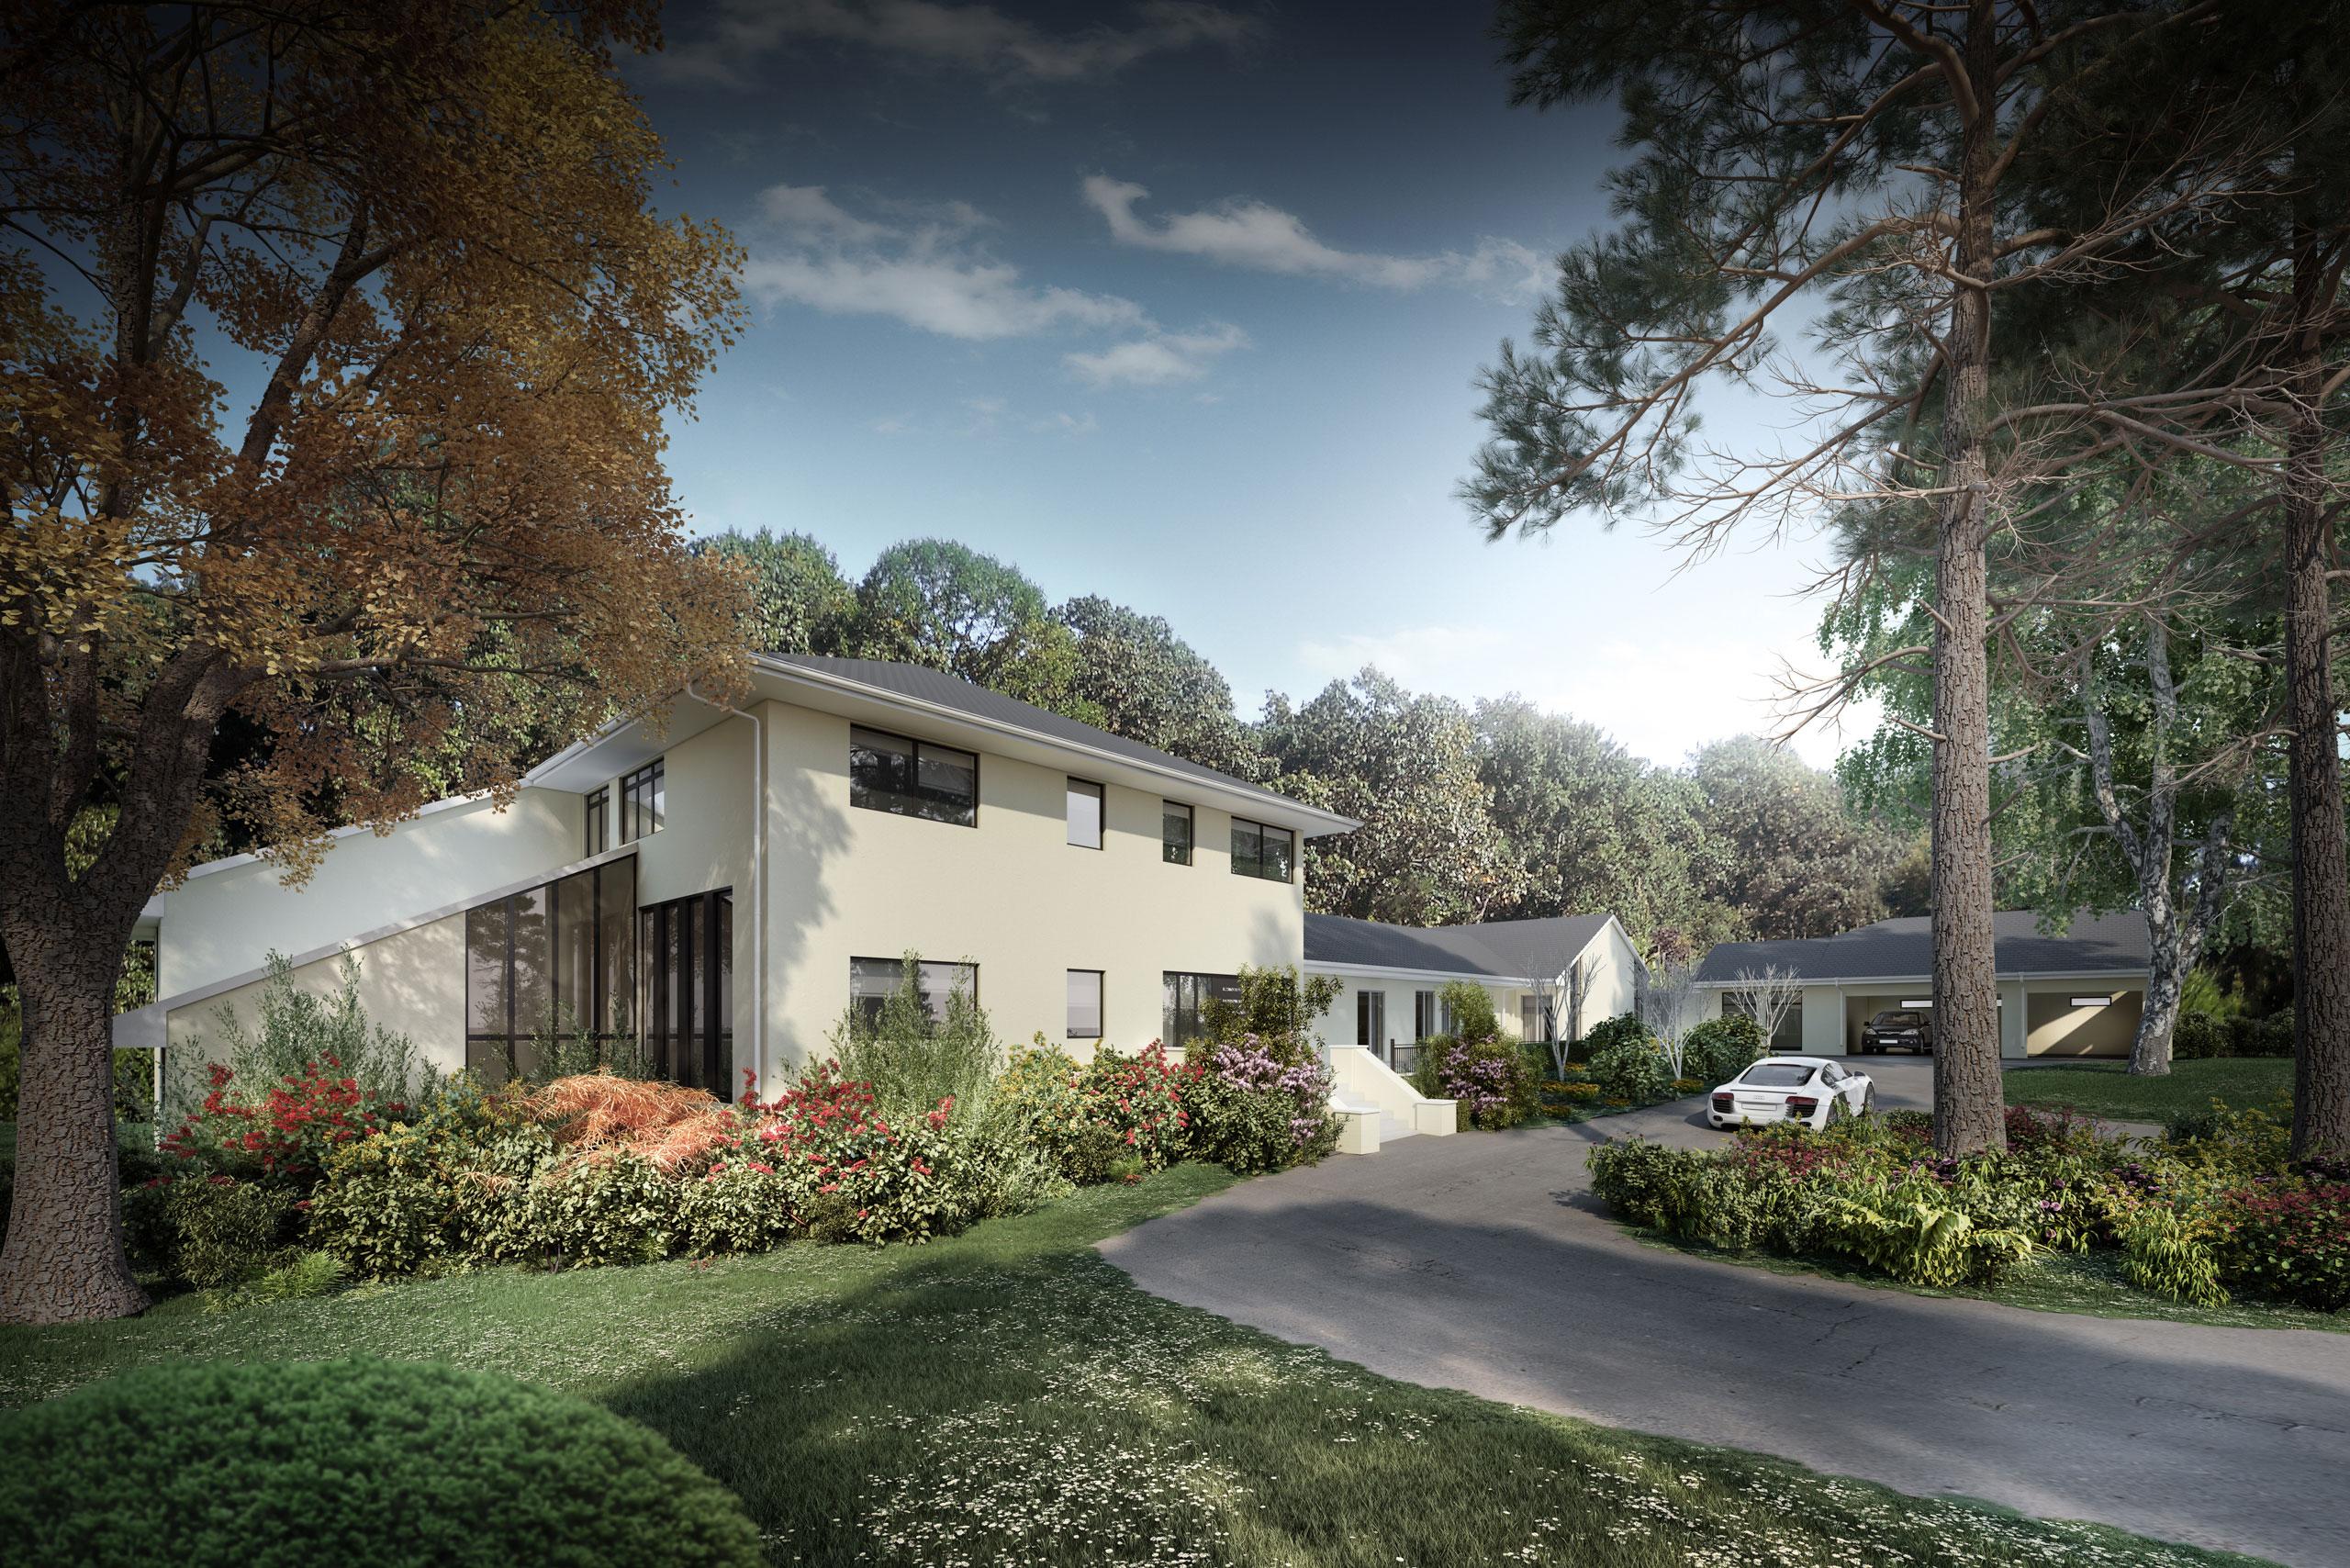 Architectural-visualisation-Dorset-London-Pilcot-Construction-01